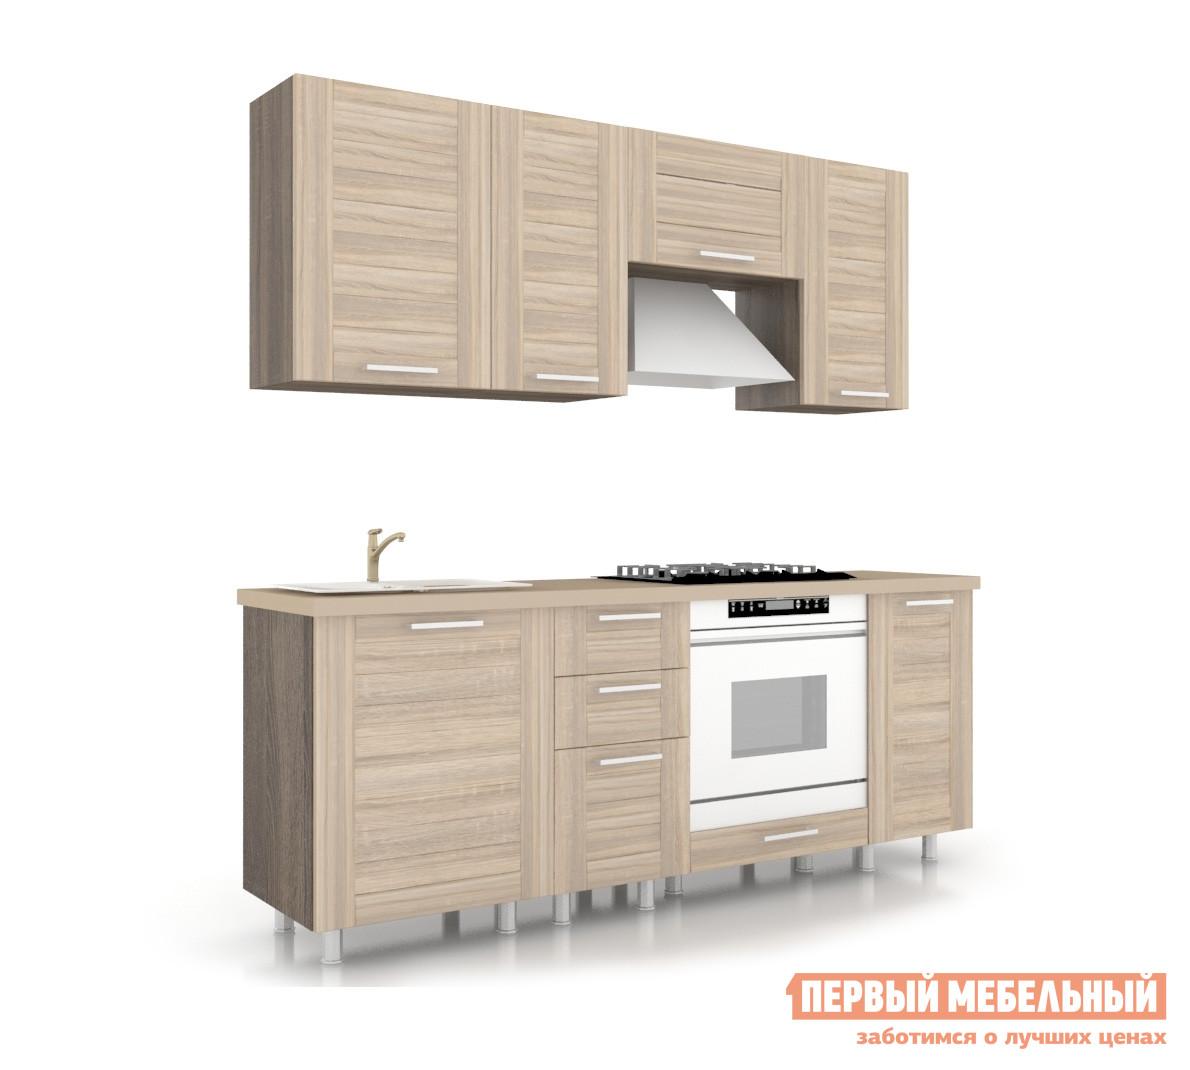 Кухонный гарнитур Любимый дом Анастасия 200 см Сонома кухонный гарнитур трия оливия 180 см